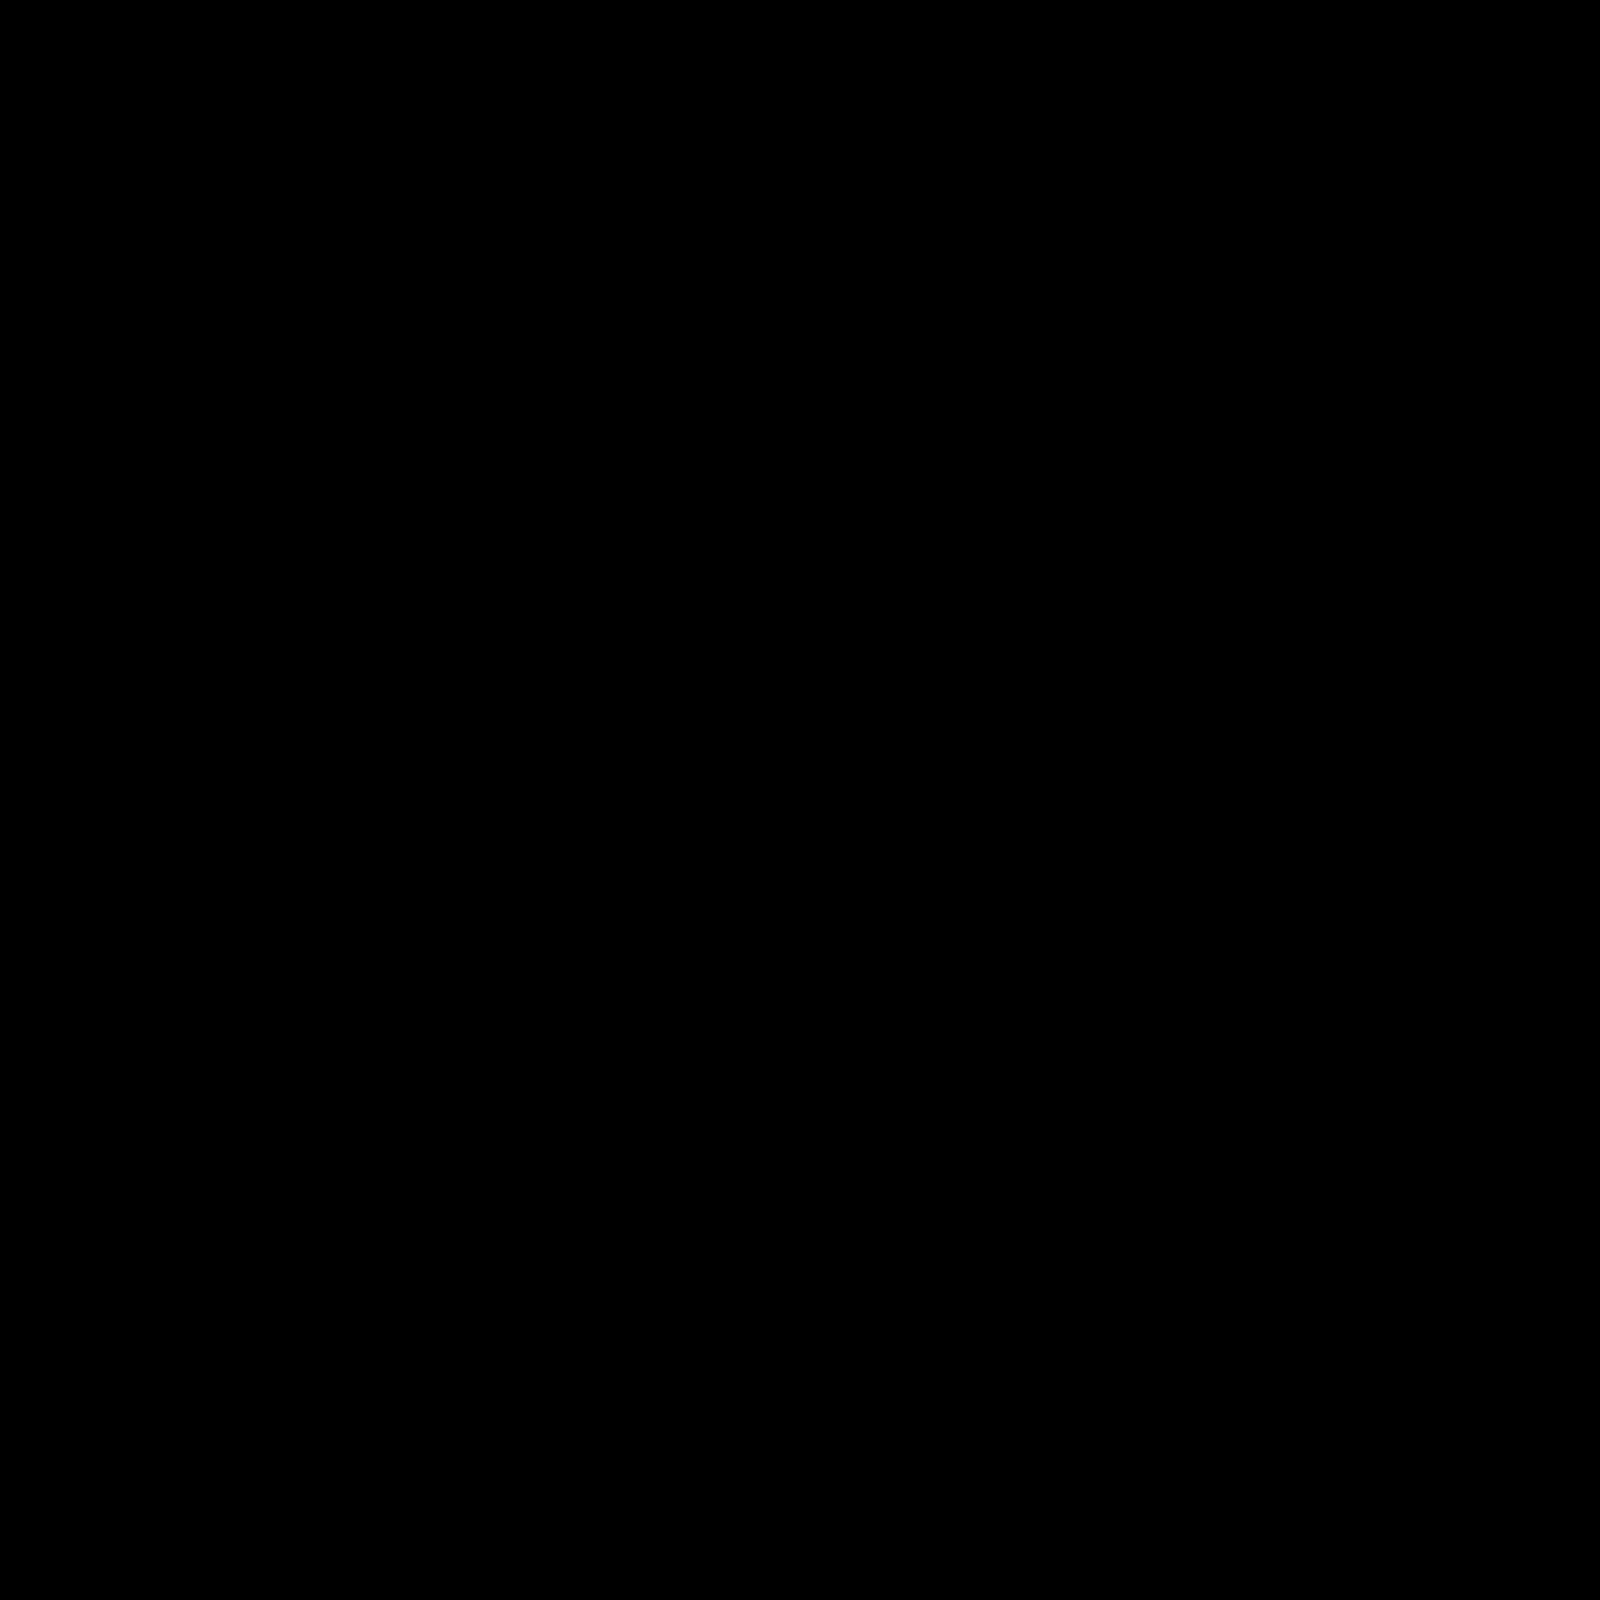 Диван с кнопками icon